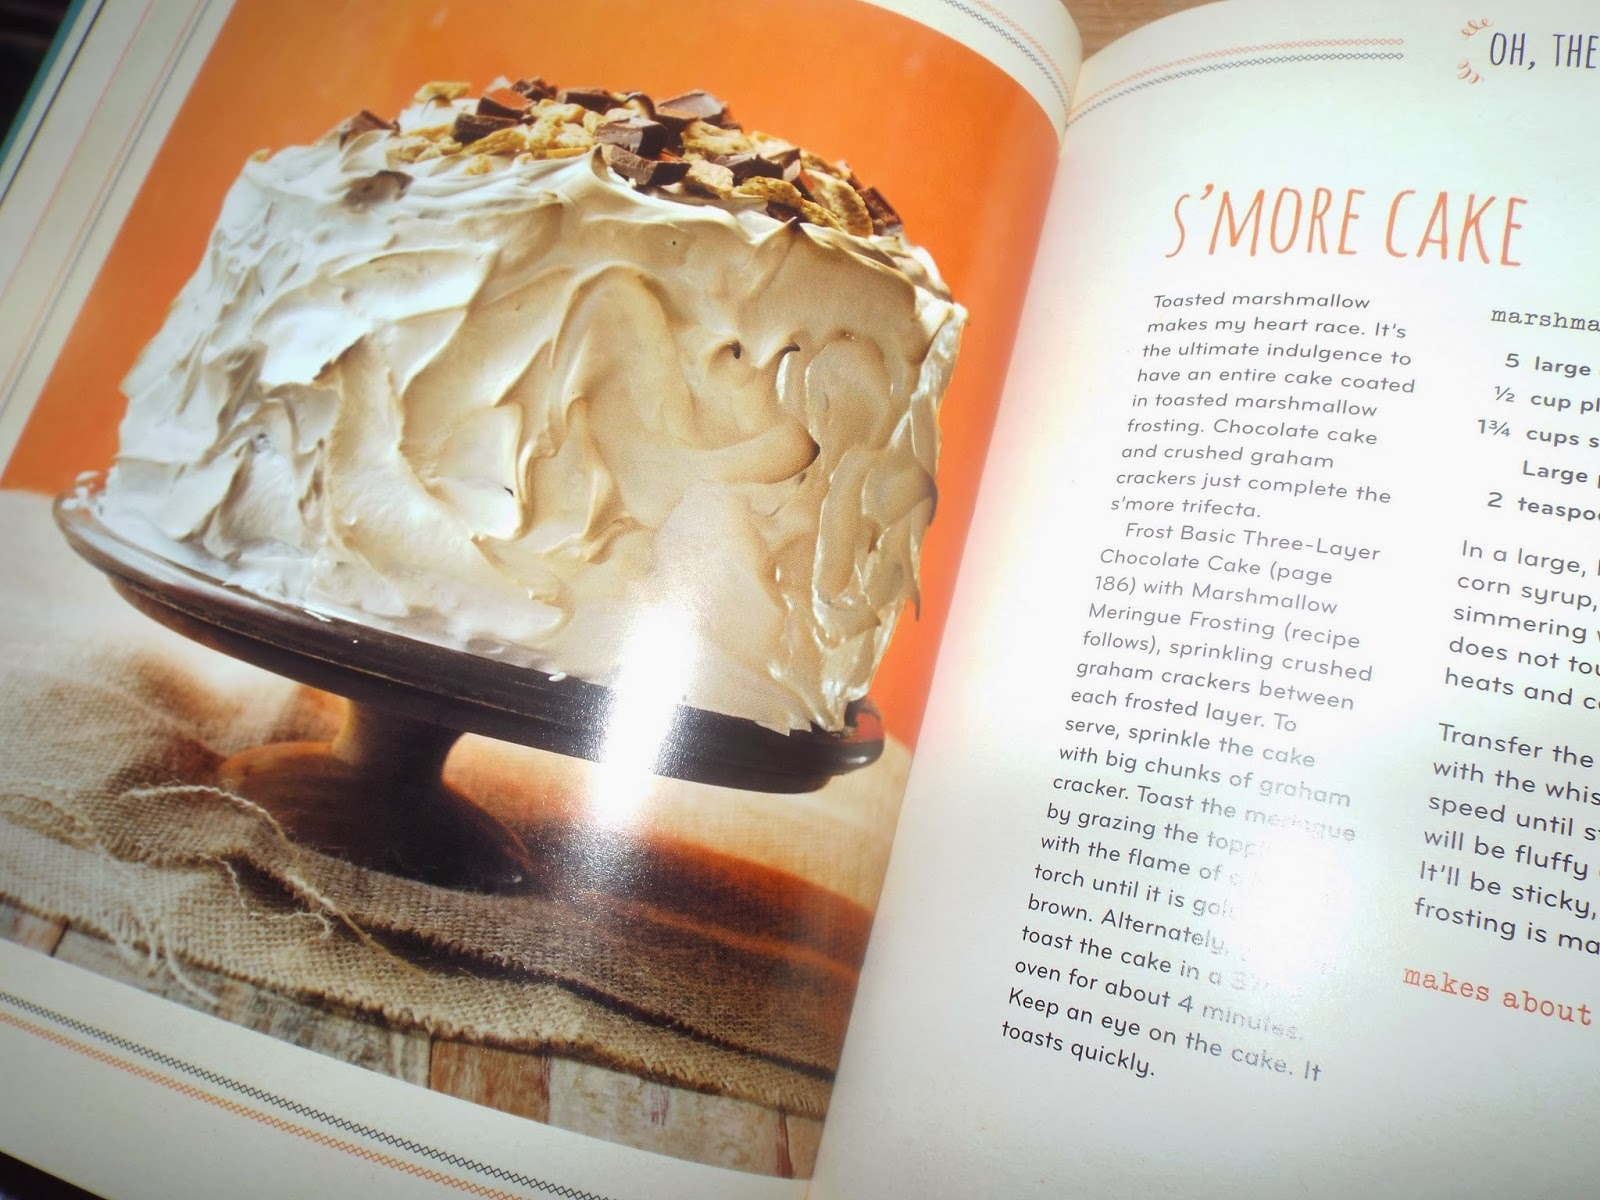 'Smore Cake: Homemade Decadence